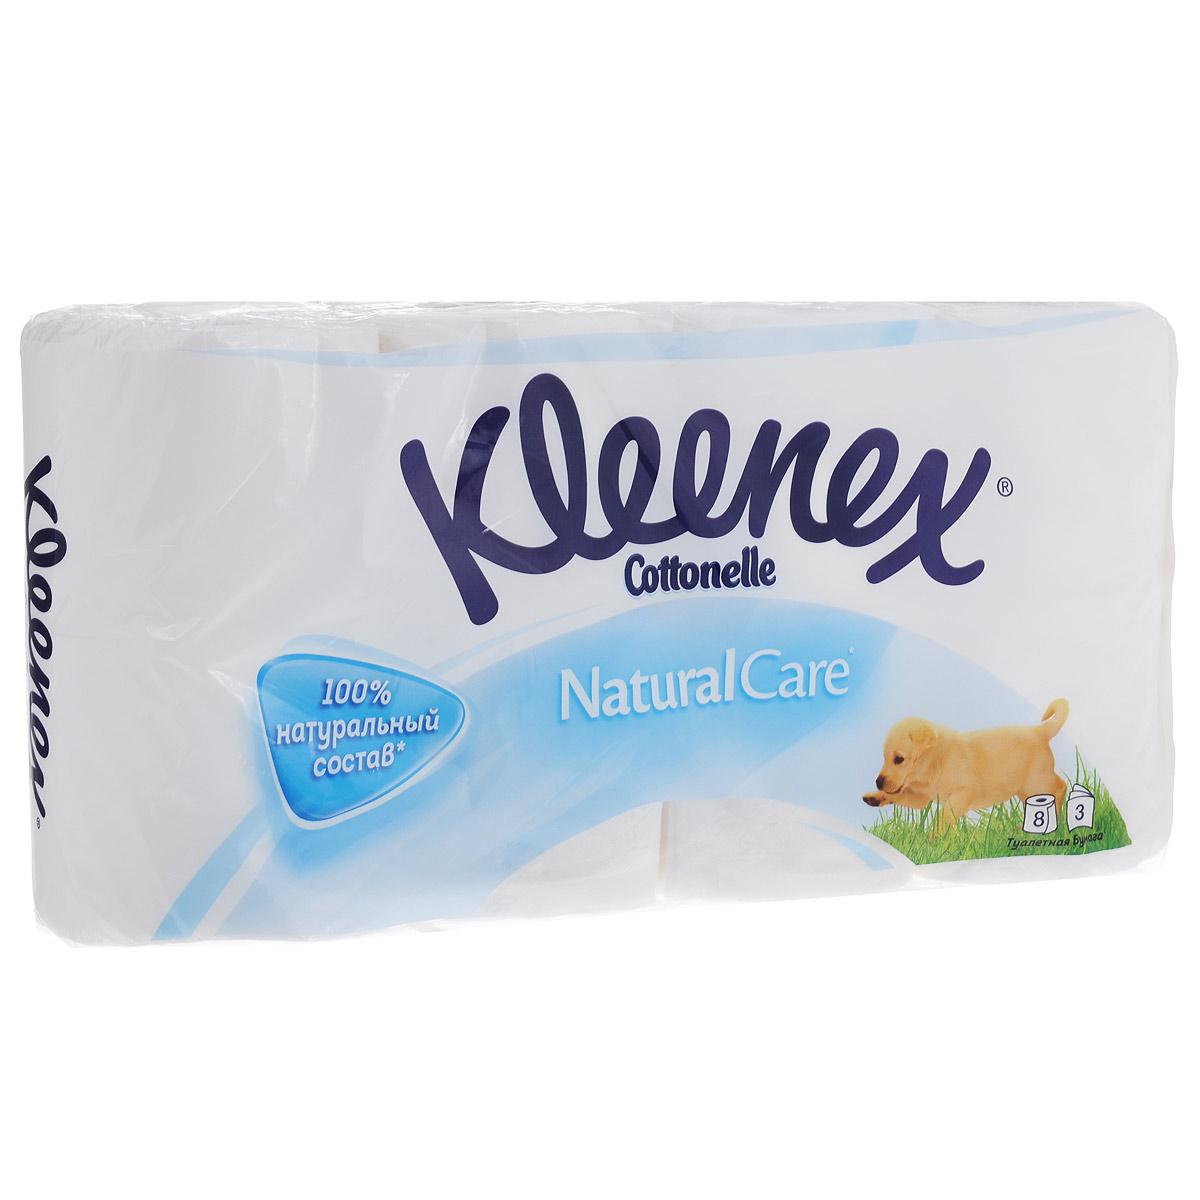 Туалетная бумага Kleenex Natural Care, трехслойная, цвет: белый, 8 рулонов9450296Трехслойная туалетная бумага Kleenex Natural Care изготовлена из целлюлозы высшего качества. Мягкая, нежная, но в тоже время прочная, бумага не расслаивается и отрывается строго по линии перфорации. Оформлена тиснением.Туалетная бумага Kleenex Natural Care идеально подходит для ежедневного использования. Без ароматизаторов. Количество листов в рулоне: 155 шт. Количество слоев: 3. Размер листа: 9,6 см х 11,2 см. Состав: 100% целлюлоза.